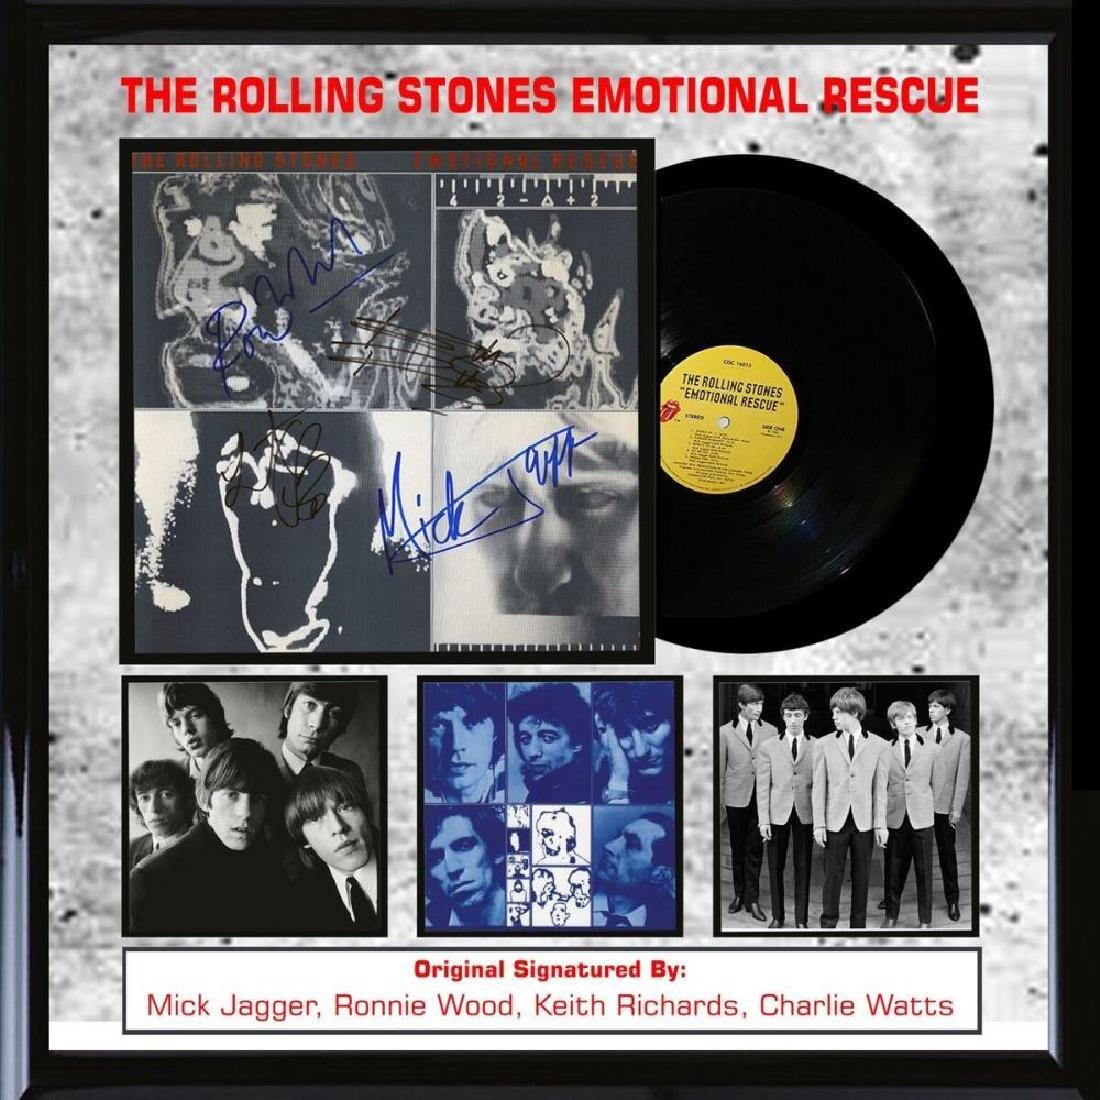 Rolling Stones Emotional Rescue Album